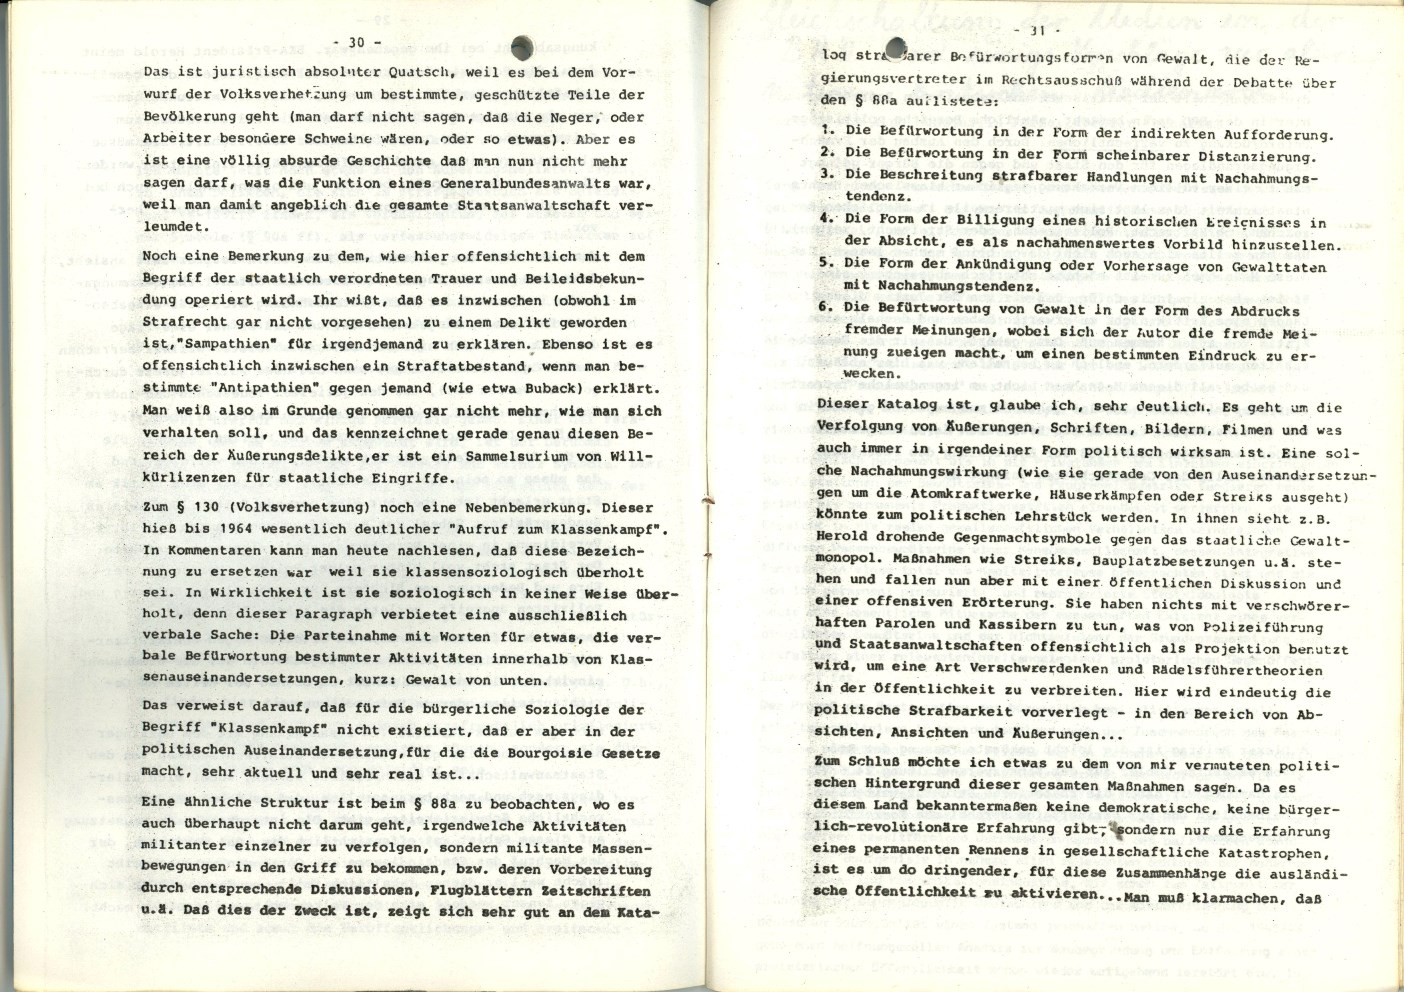 Hamburg_Vorbereitungsgruppe_Russell_Tribunal_Zensur_1978_16